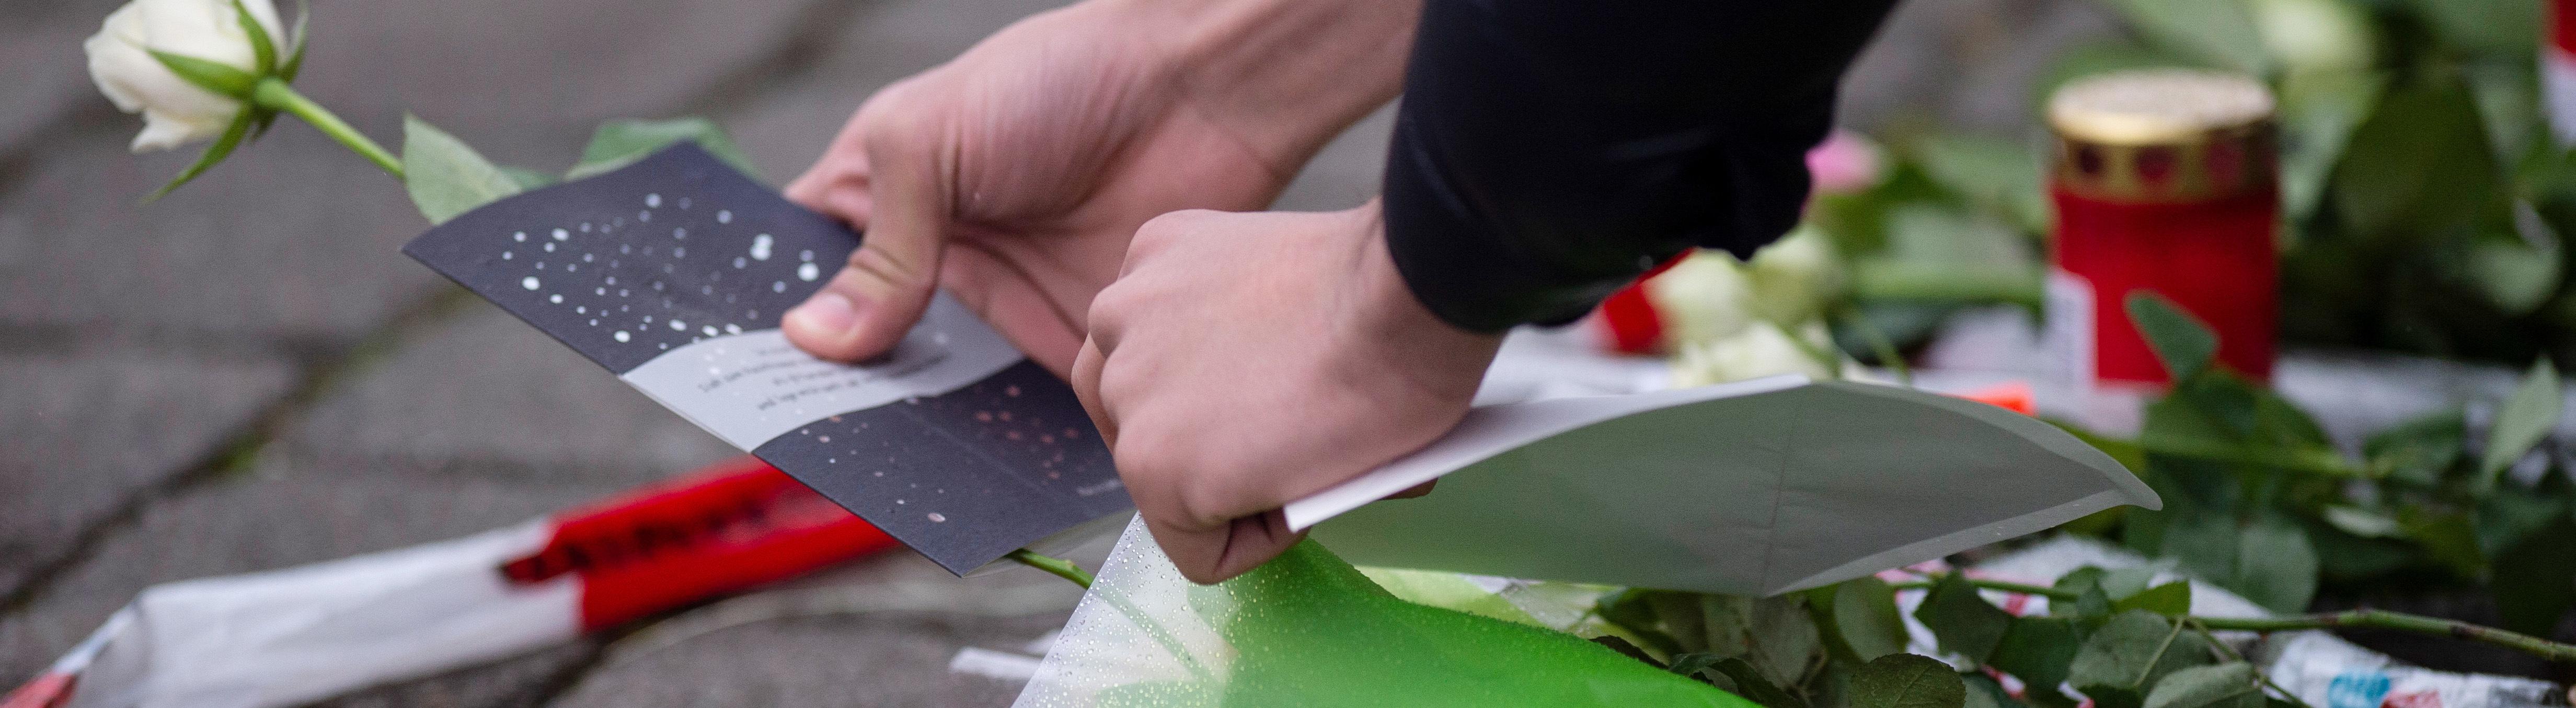 20.02.2020, Hessen, Hanau: Eine Frau legt als Zeichen der Trauer eine Karte und Blumen an einem Tatort in Kesselstadt nieder.